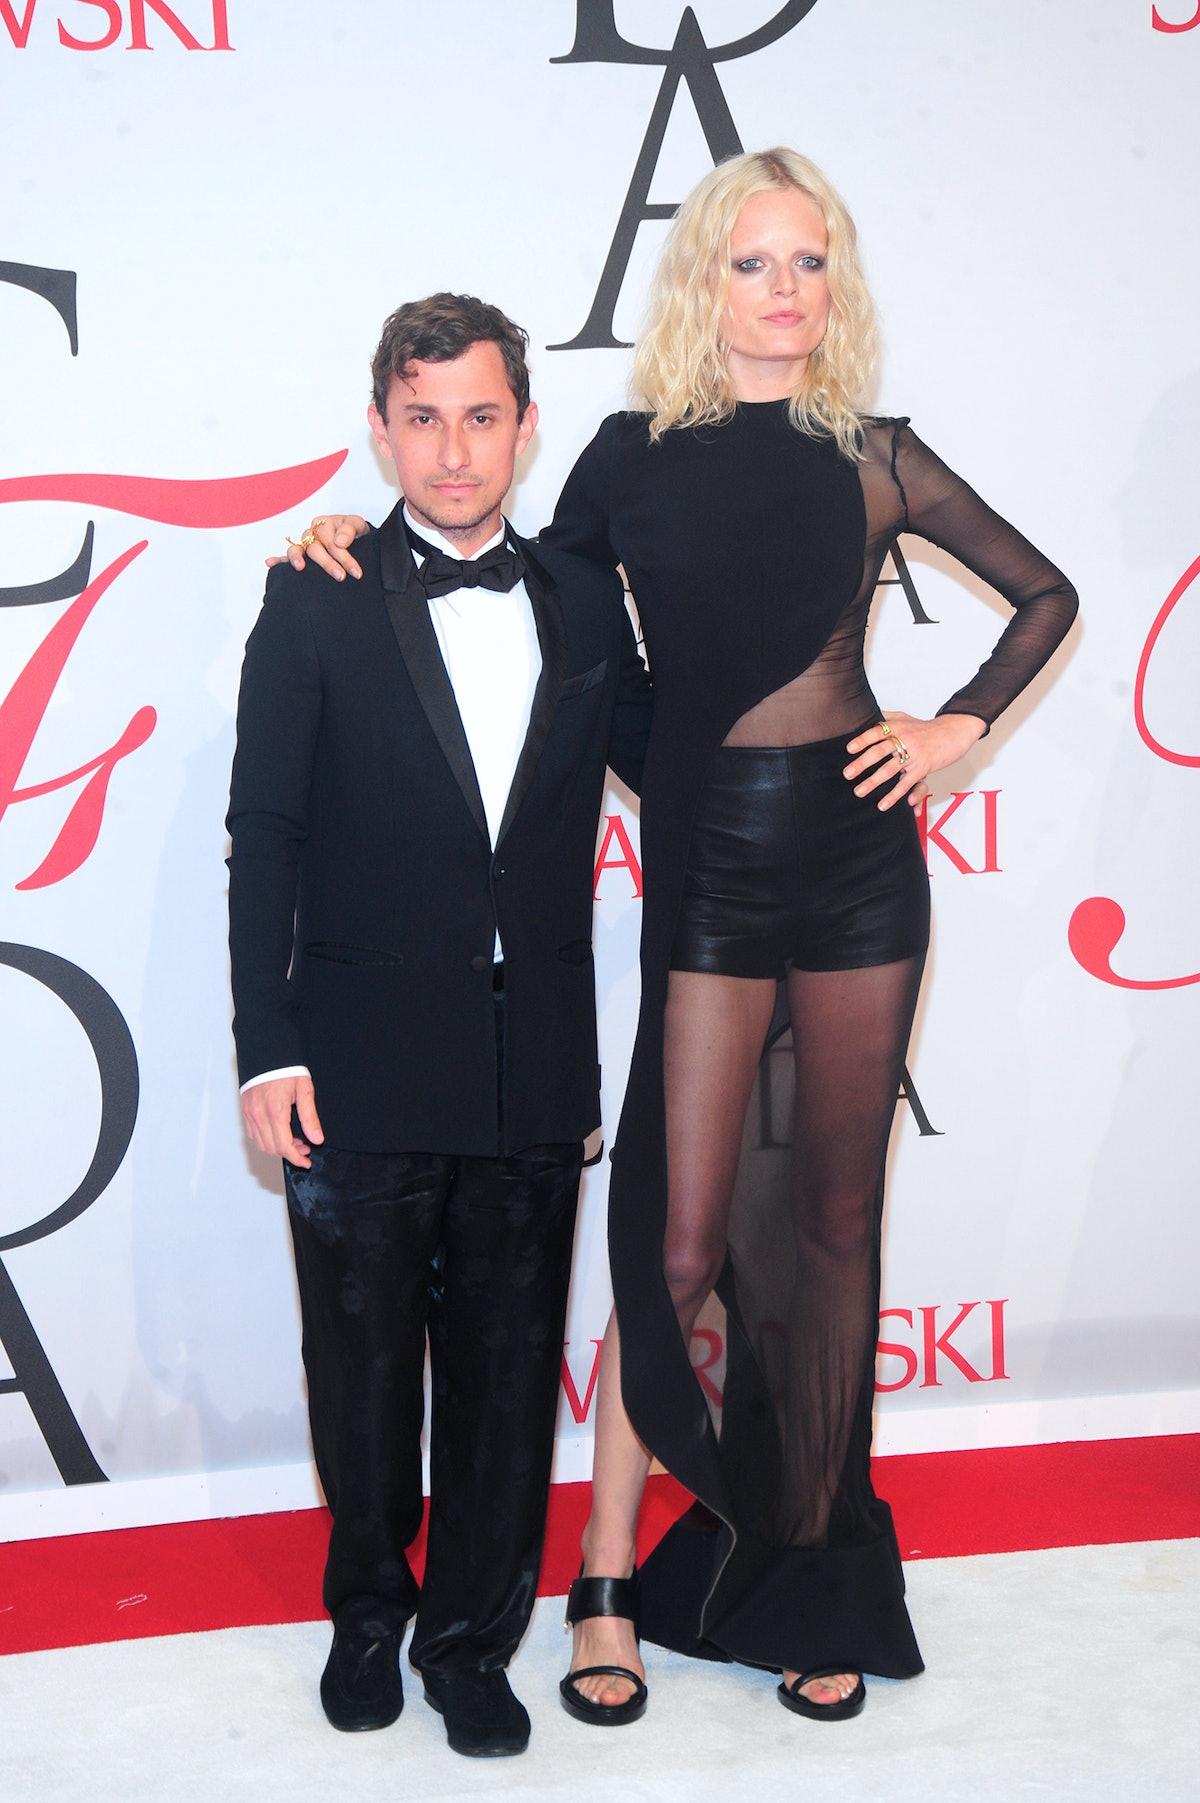 Esteban Cortazar and Hanne Gaby Odiele